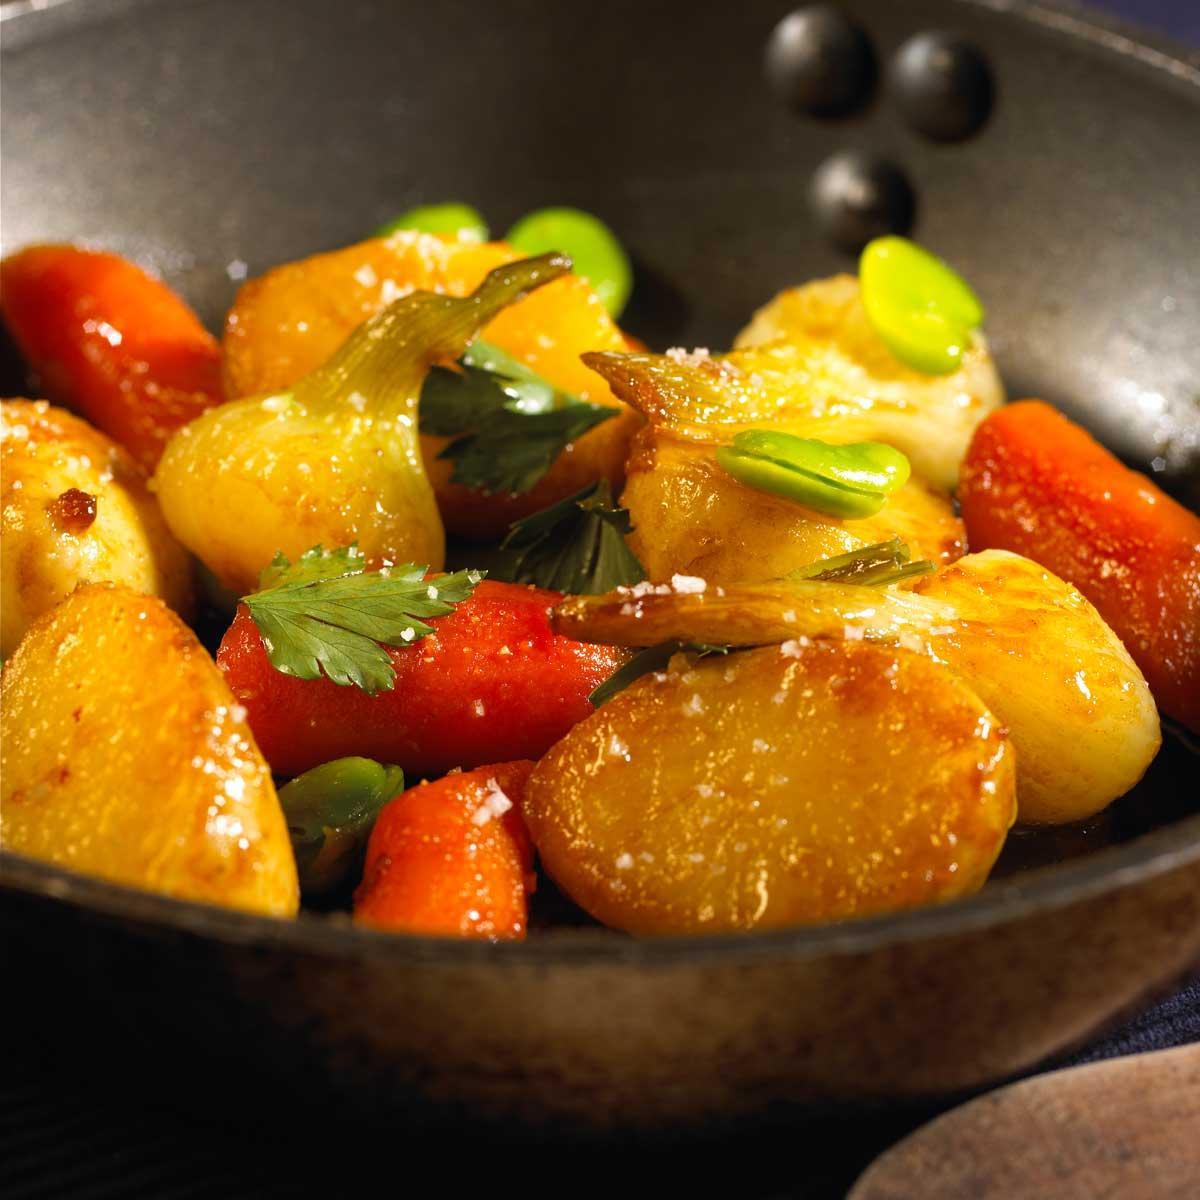 recette po l e de pommes de terre nouvelles et autres l gumes printaniers au beurre sal. Black Bedroom Furniture Sets. Home Design Ideas